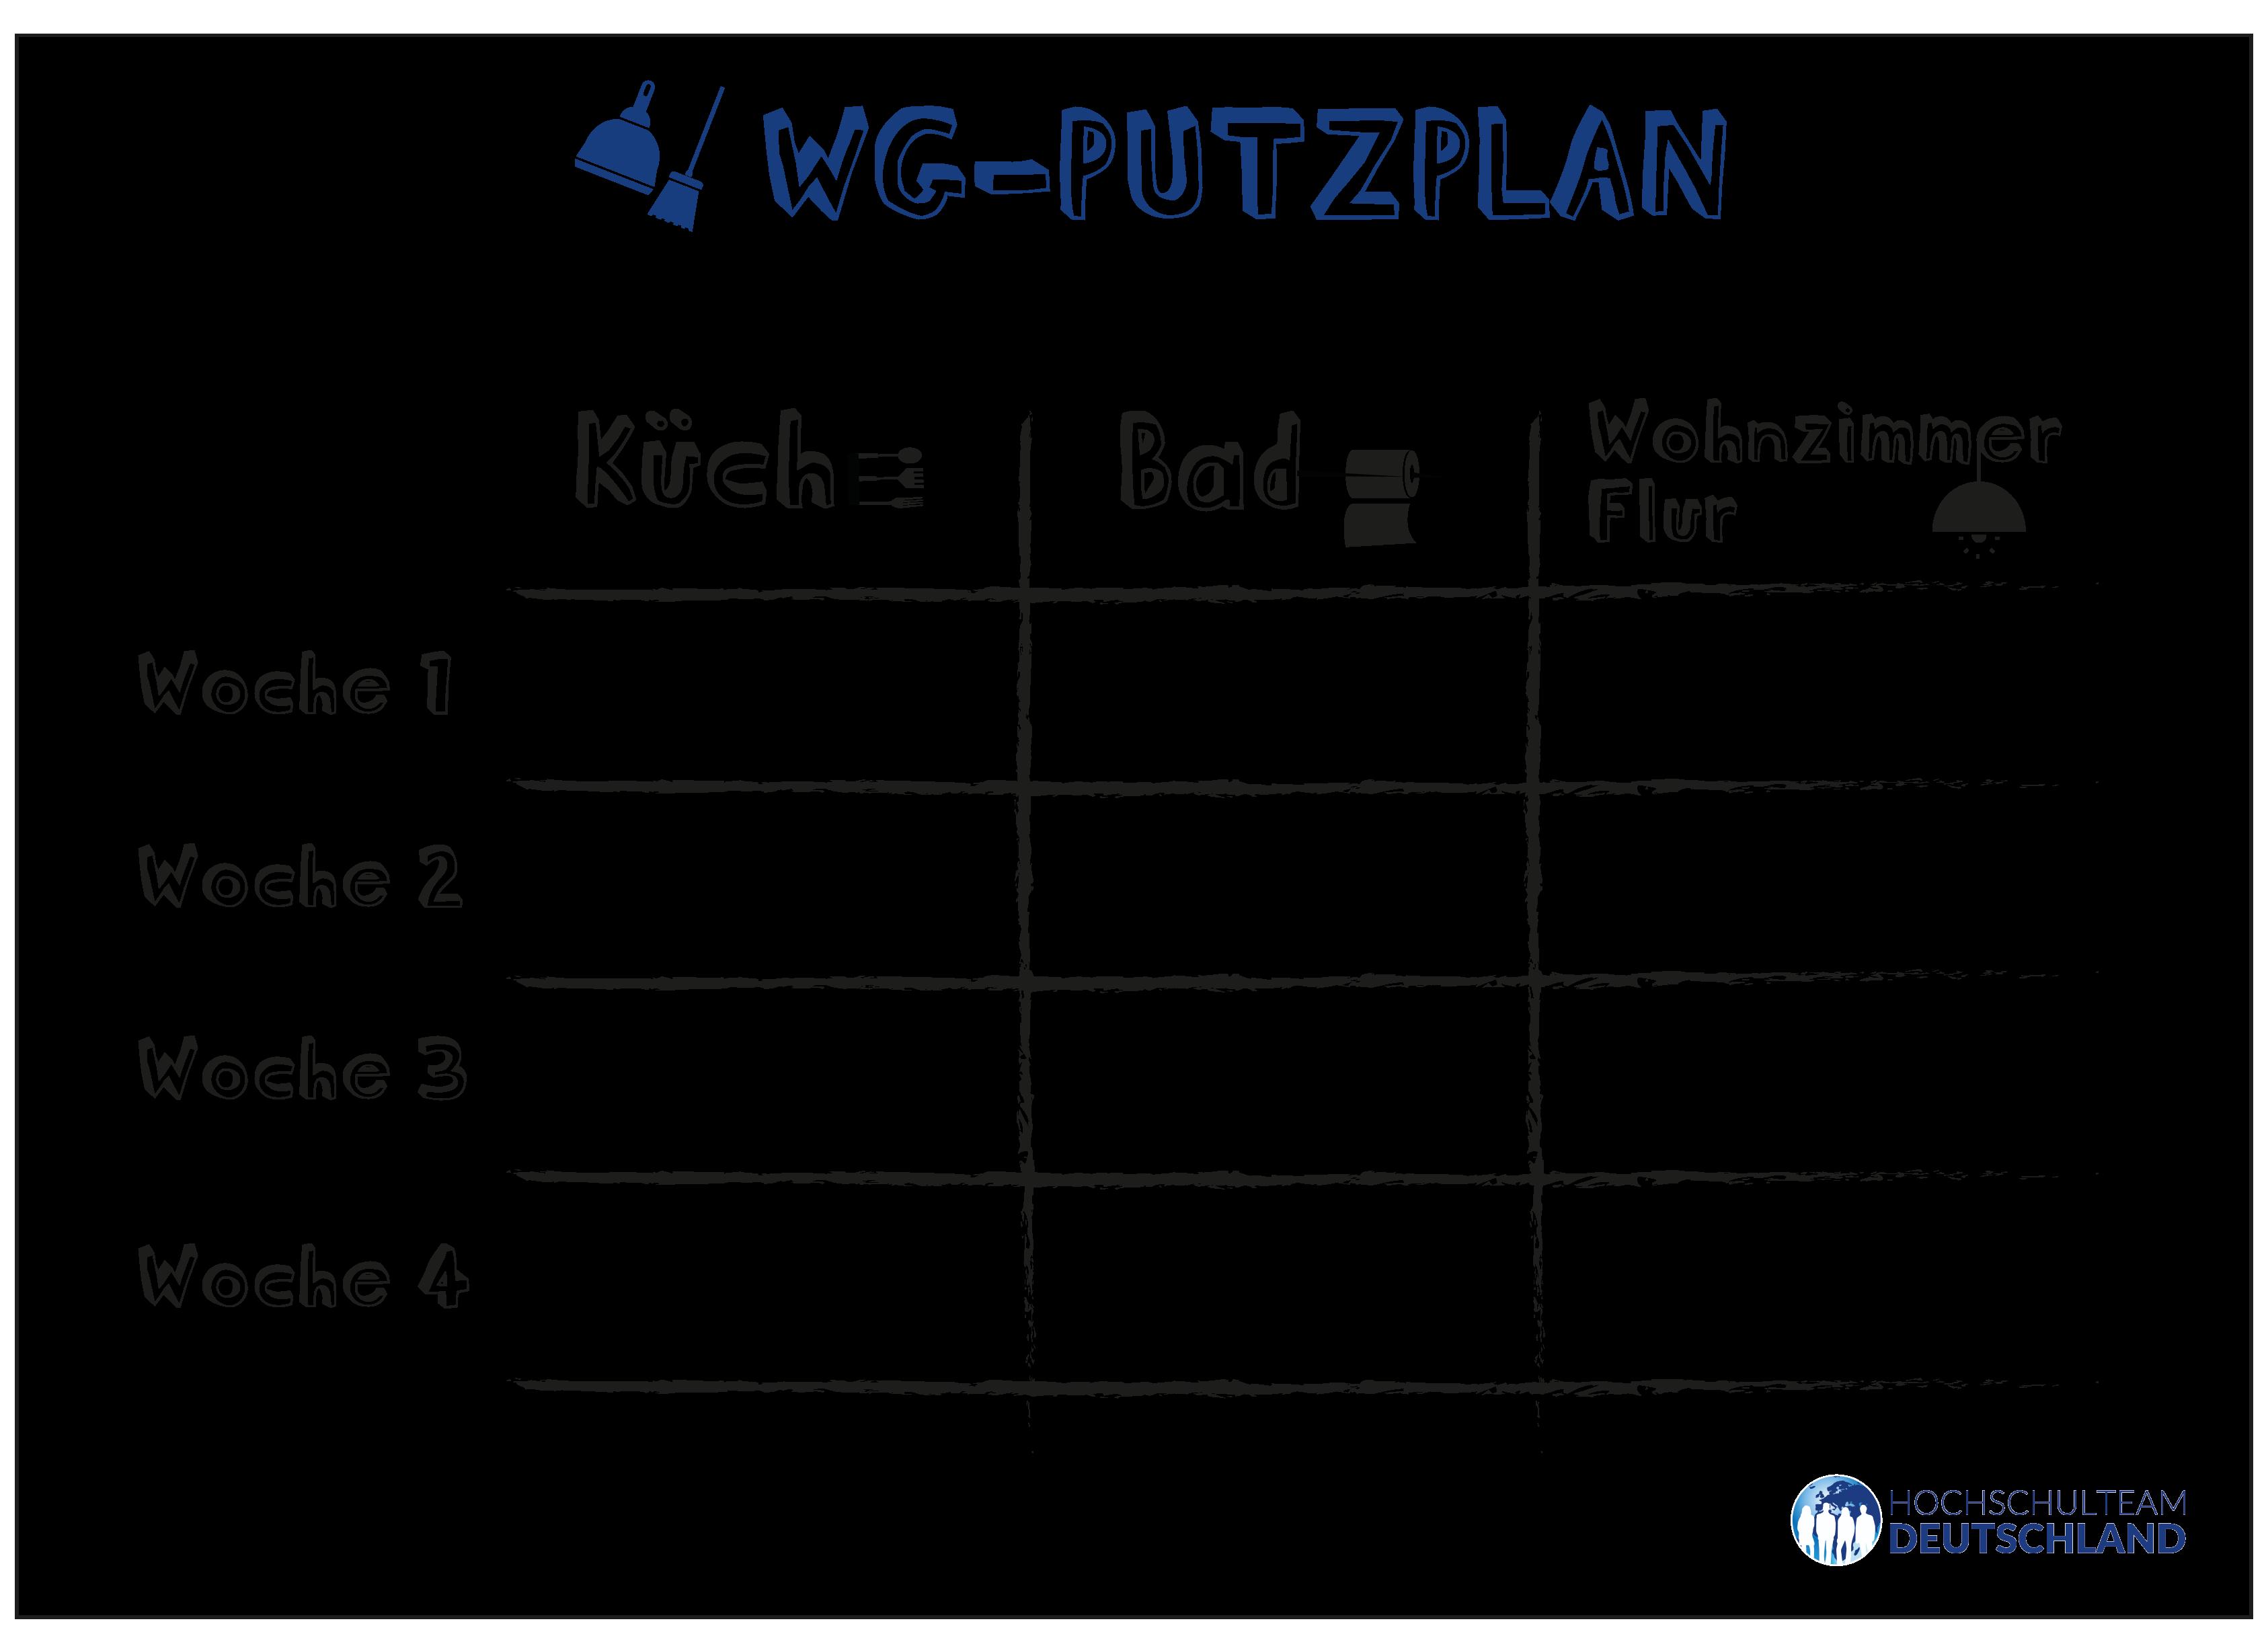 Hier Findet Ihr Unseren Putzplan Fur Ein Besser Organisiertes Zusammenleben In Eurer Wg Putzplan Putzplan Wg Haushalts Tipps